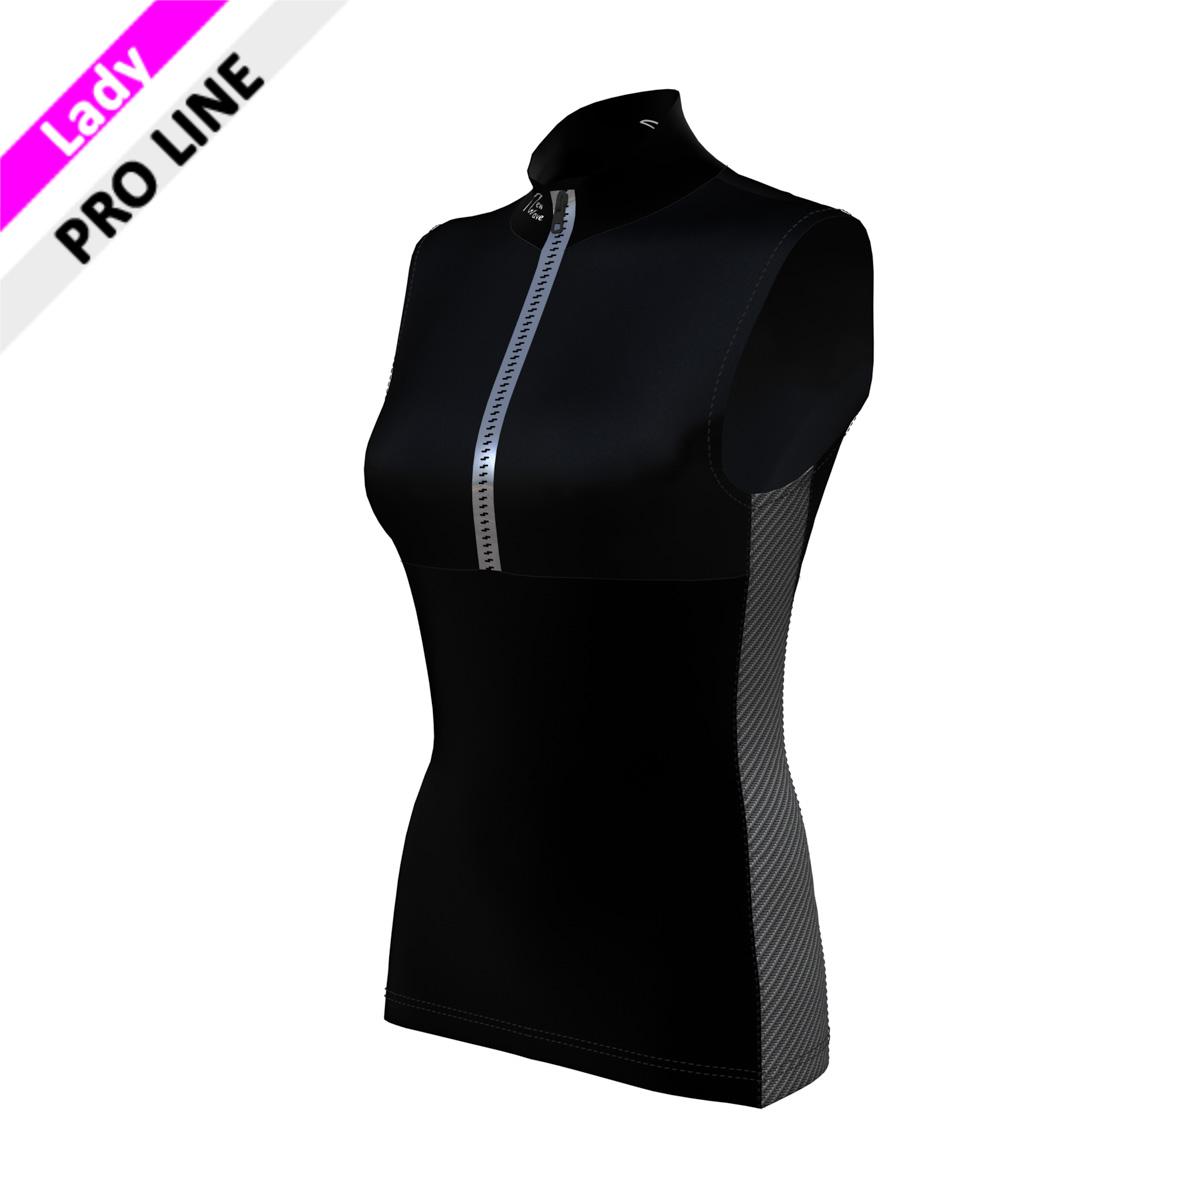 Pro Vest Lady - Black/Carbon (Kragen & Body - schwarz/Seitenstreifen - carbon)